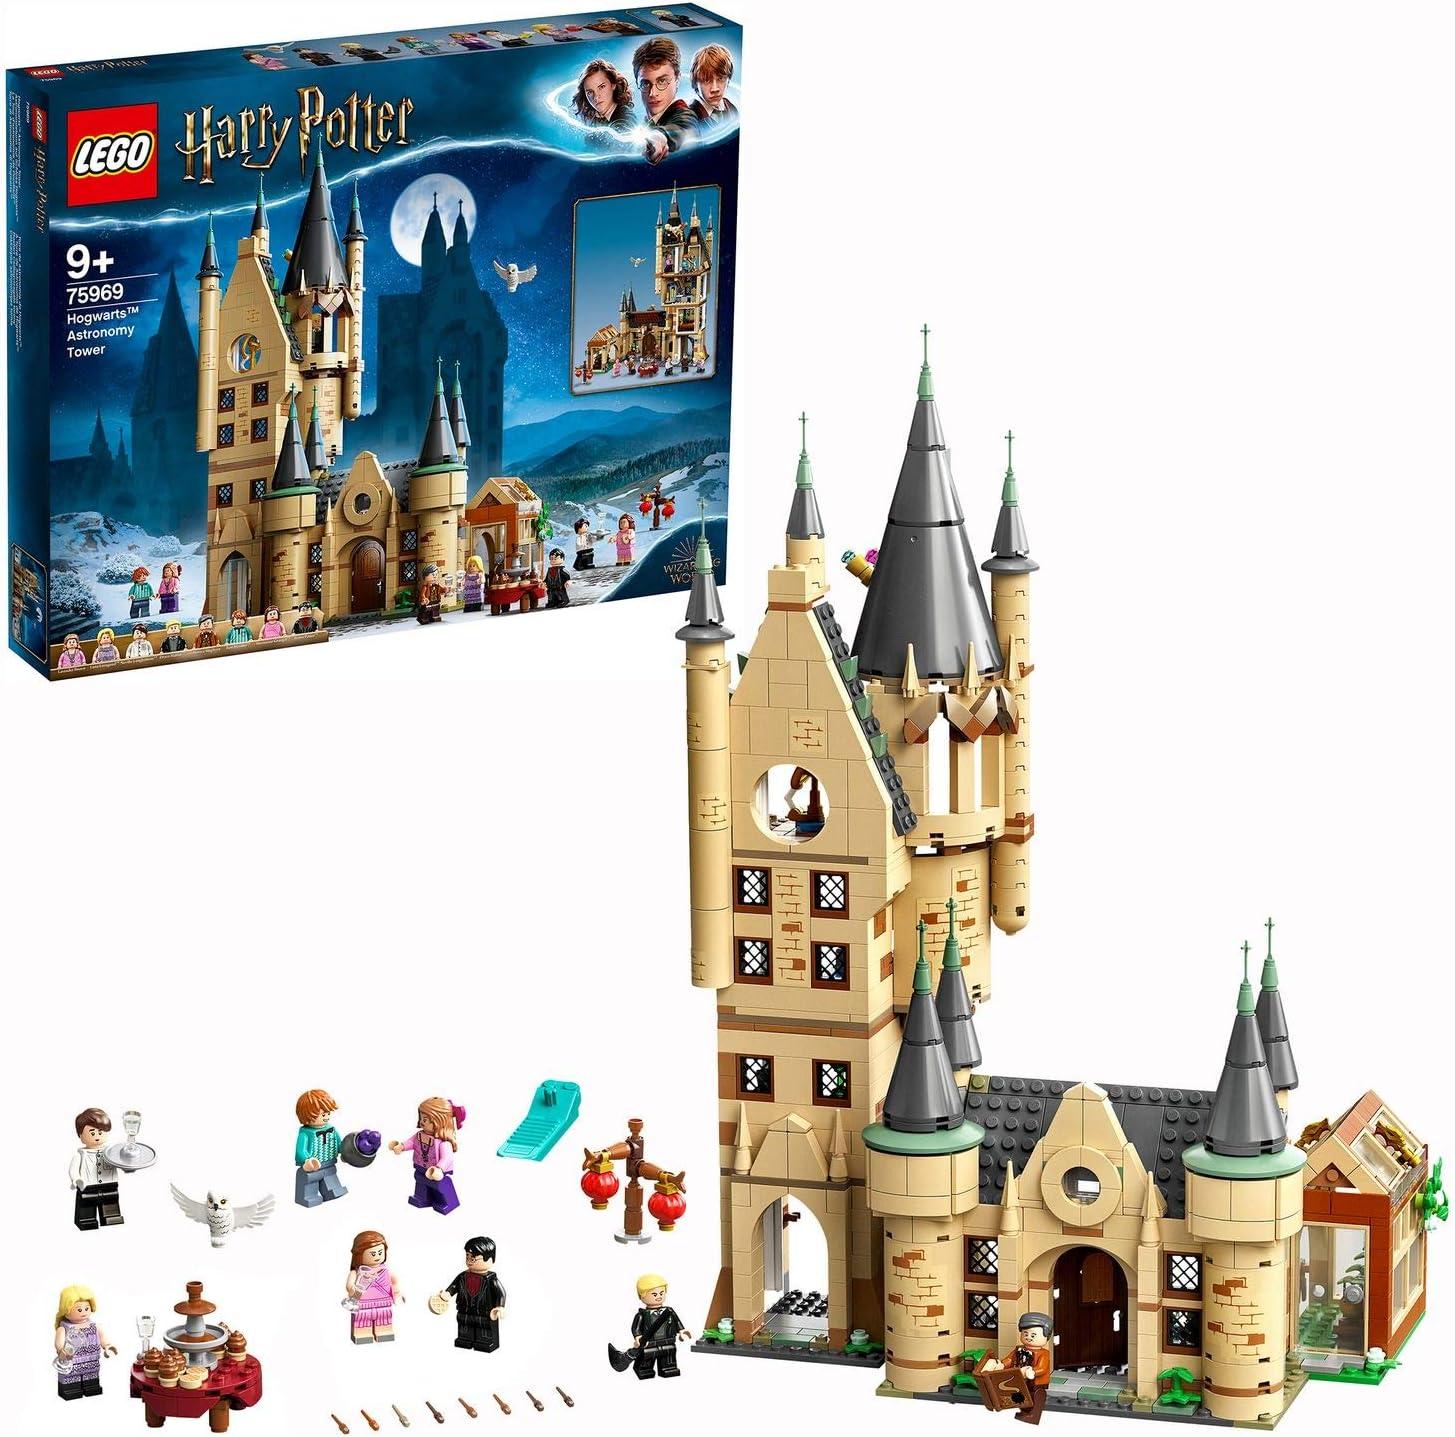 LEGO HarryPotterTorre de Astronomía Juguete Compatible conlos Sets Gran Comedor de Hogwarts y Sauce Boxeador, Multicolor (75969)